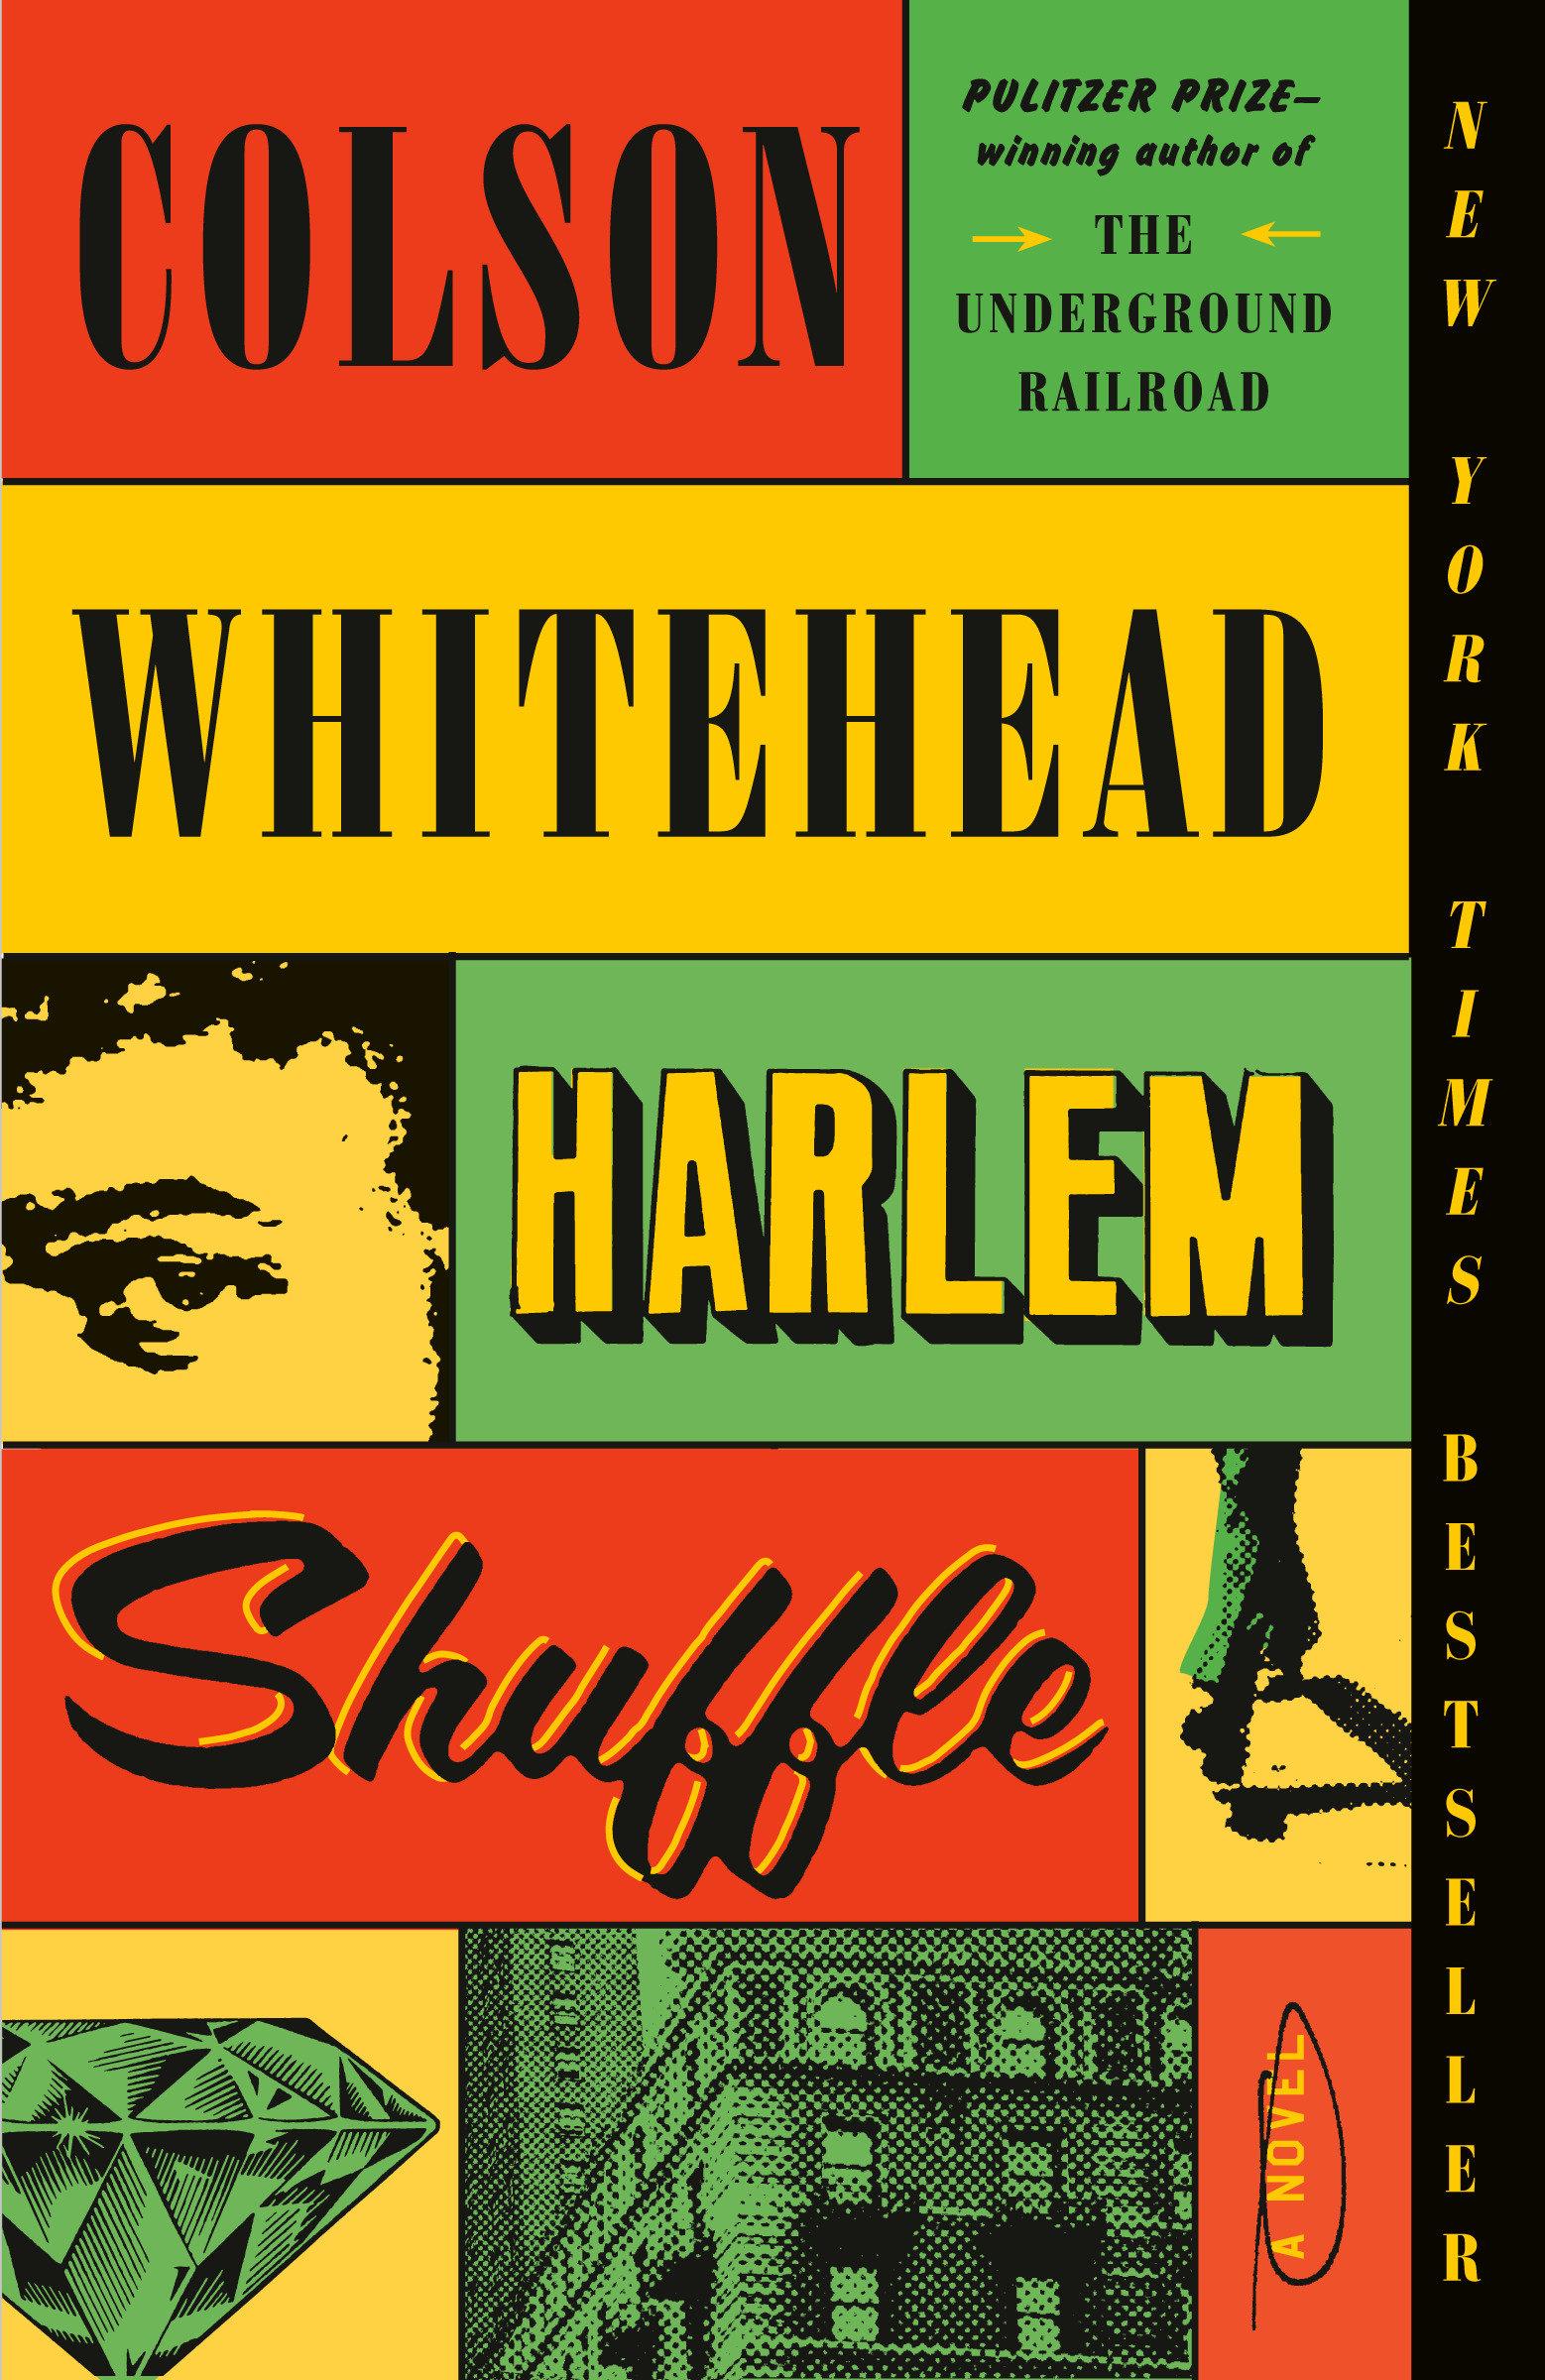 Harlem Shuffle A Novel